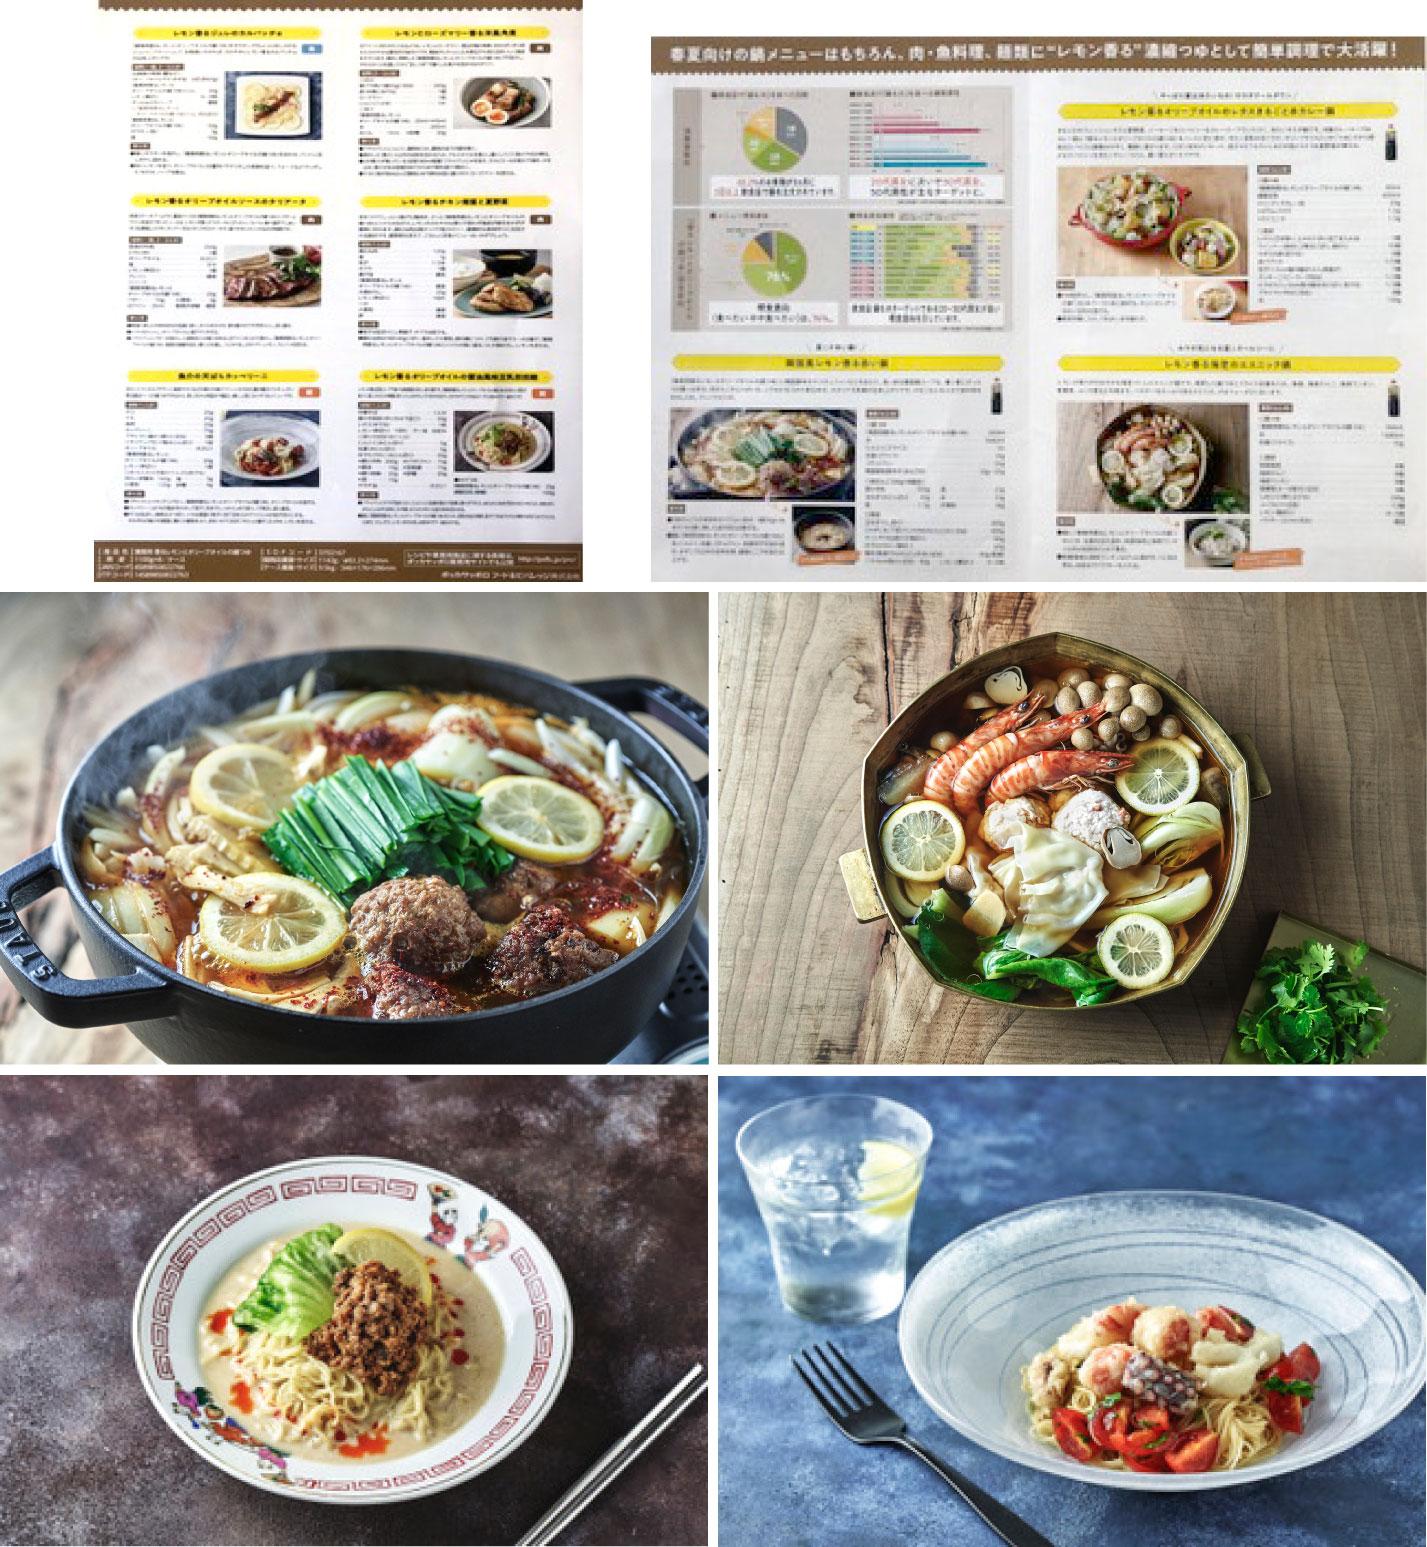 大手食品メーカー 業務用レシピ開発